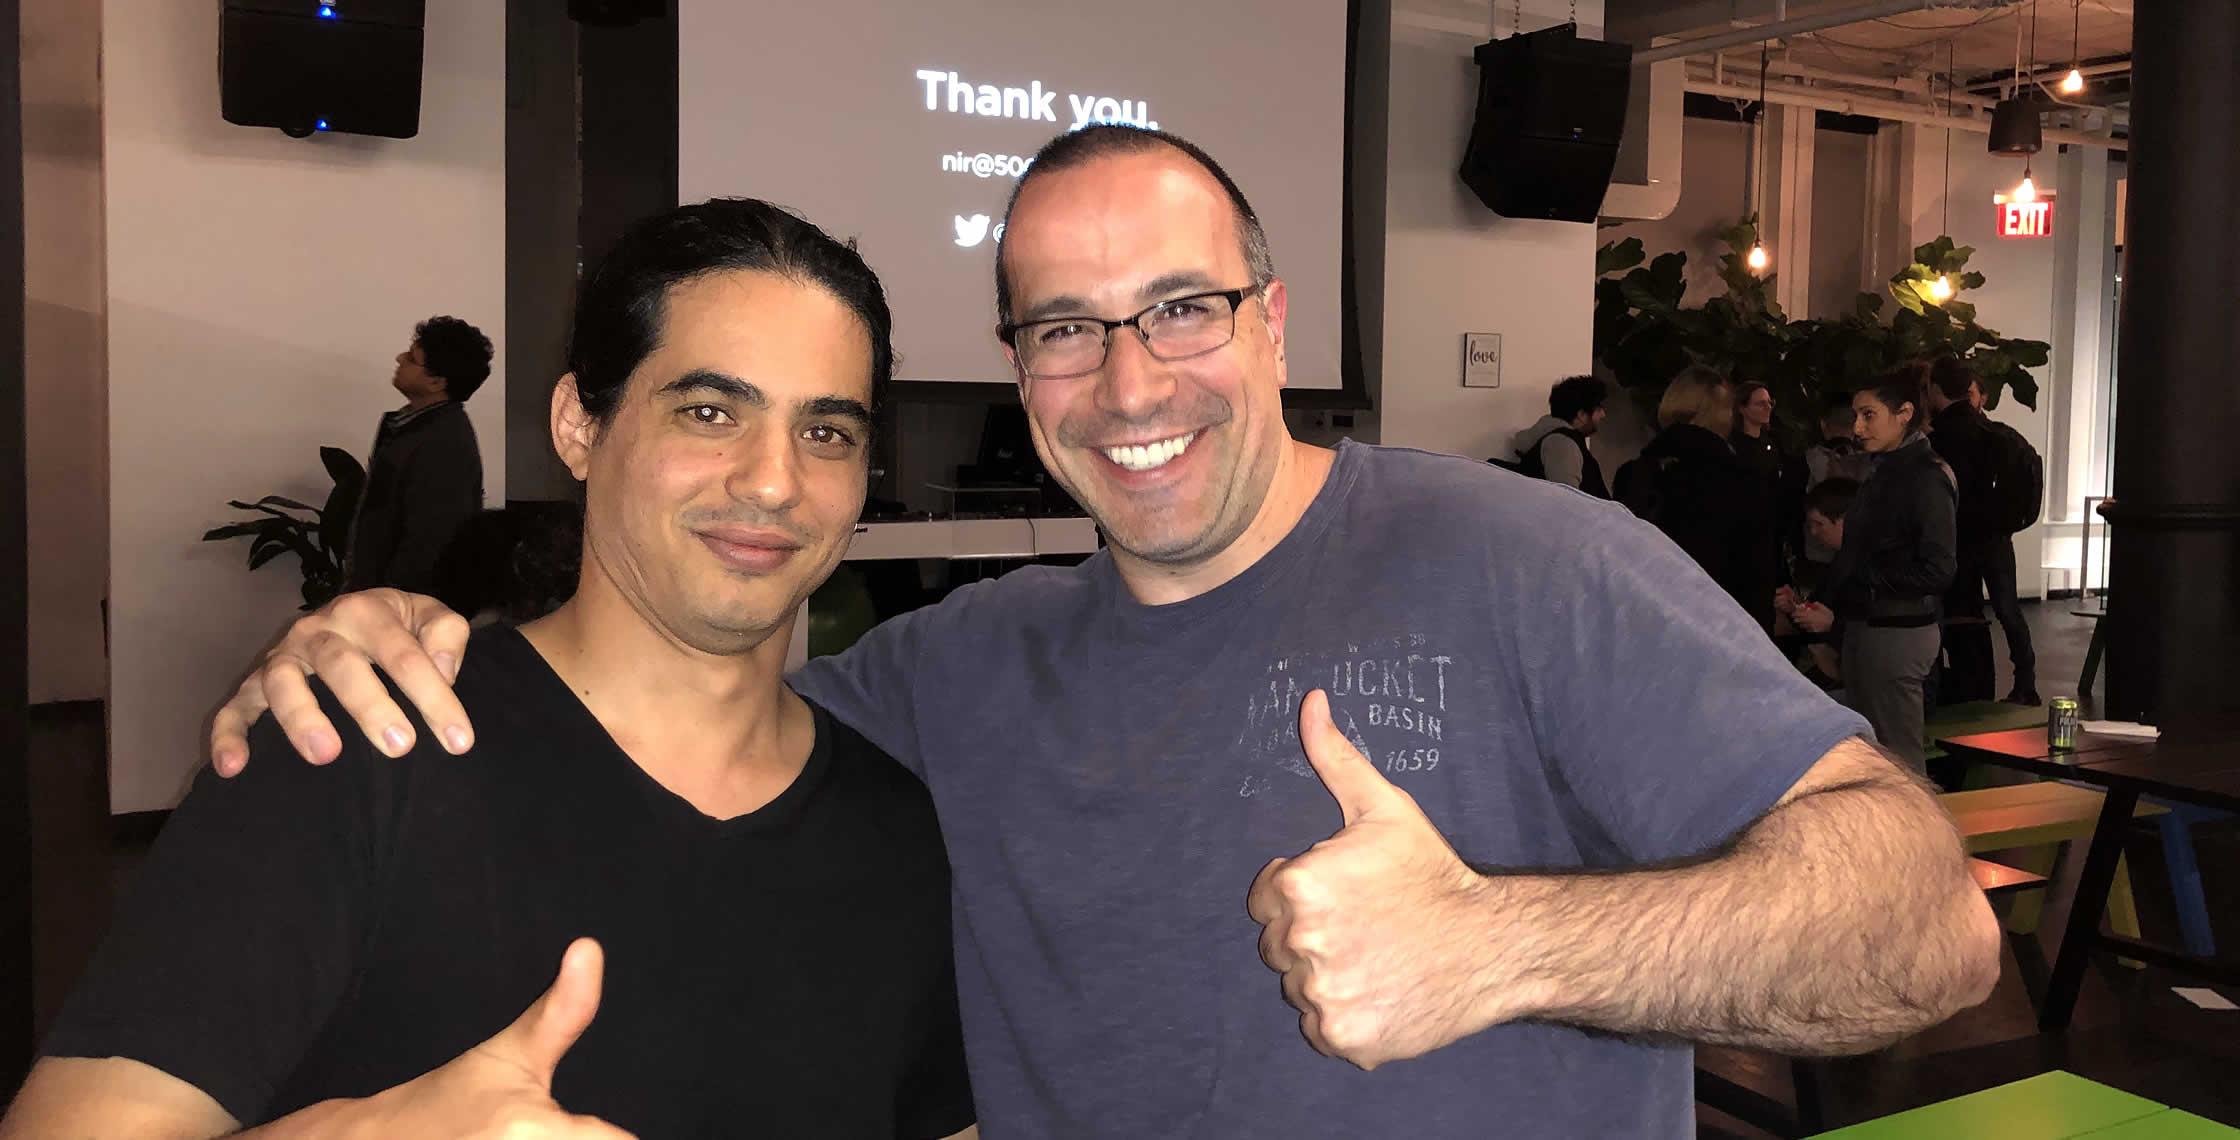 Ben Nadel at the React NYC Meetup (Oct. 2018) with: Nir Kaufman